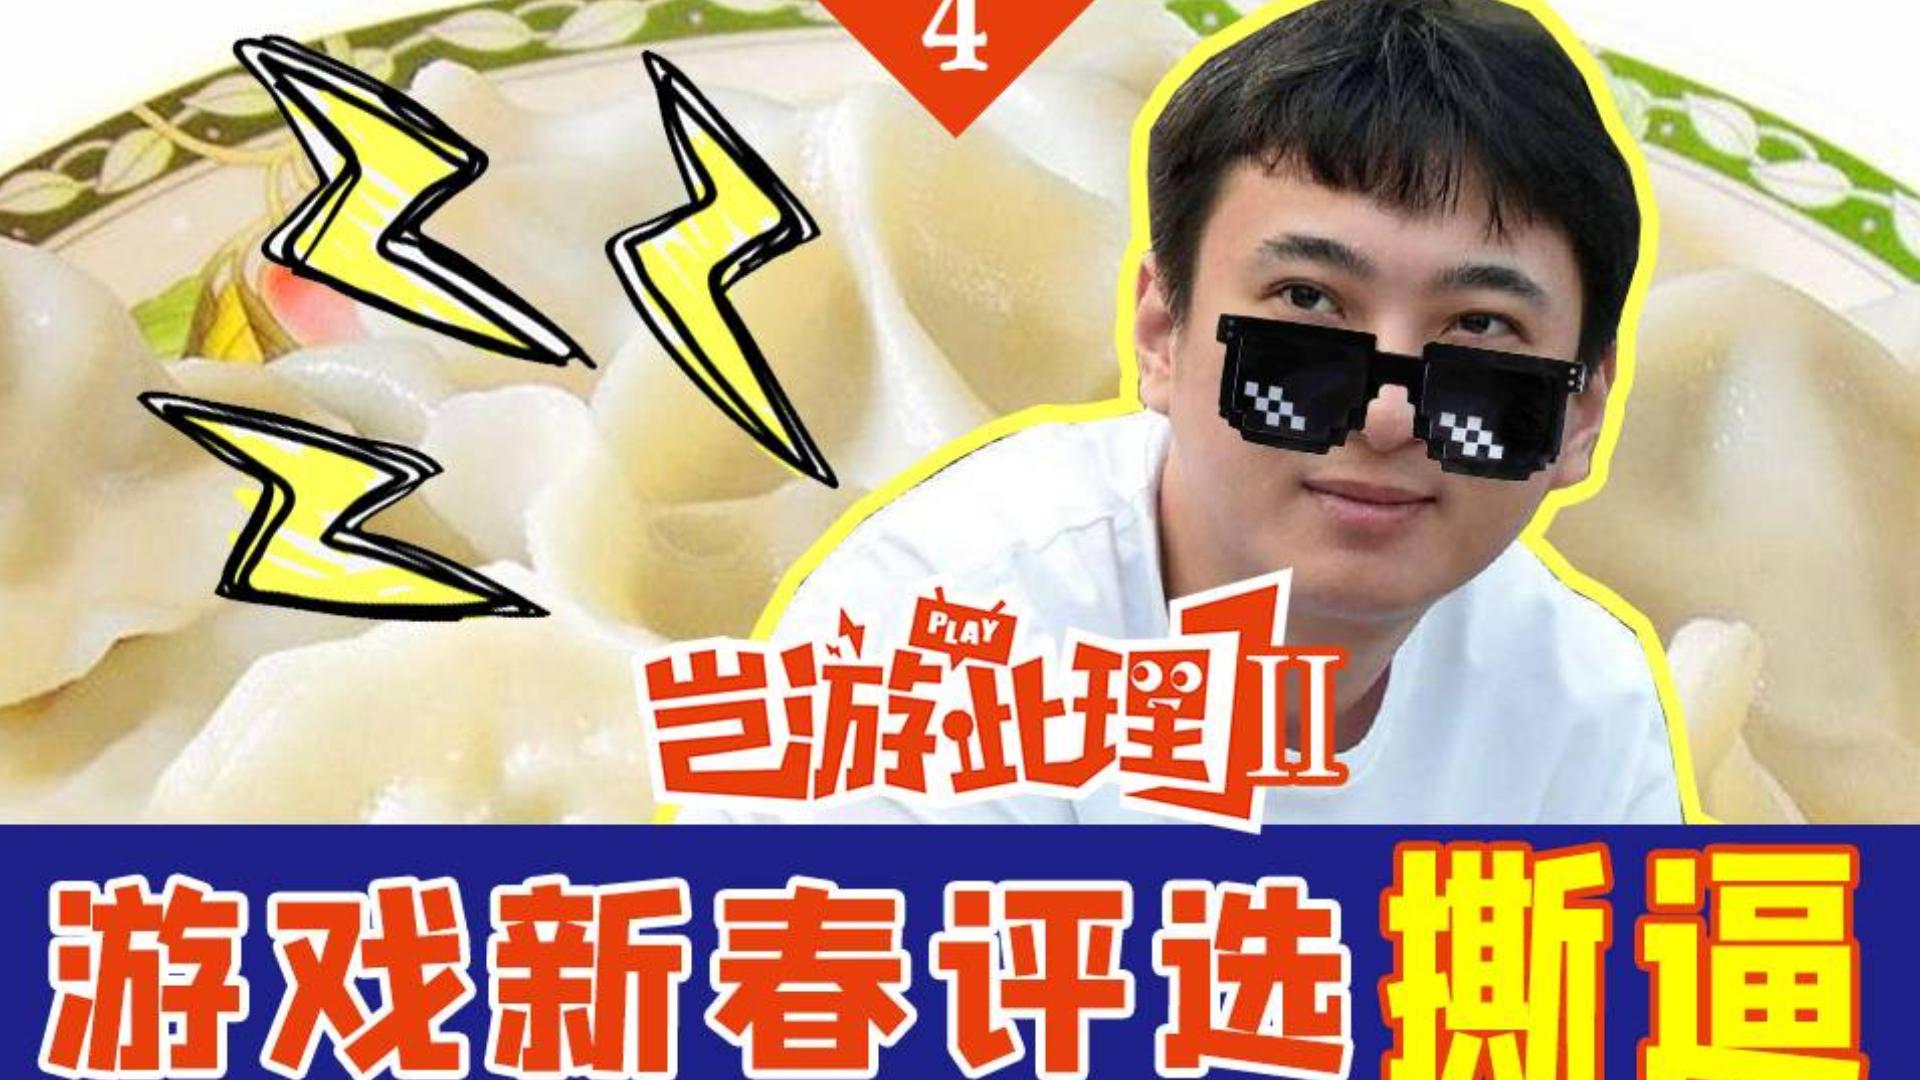 【岂游此理Ⅱ】04游戏新春评选撕逼